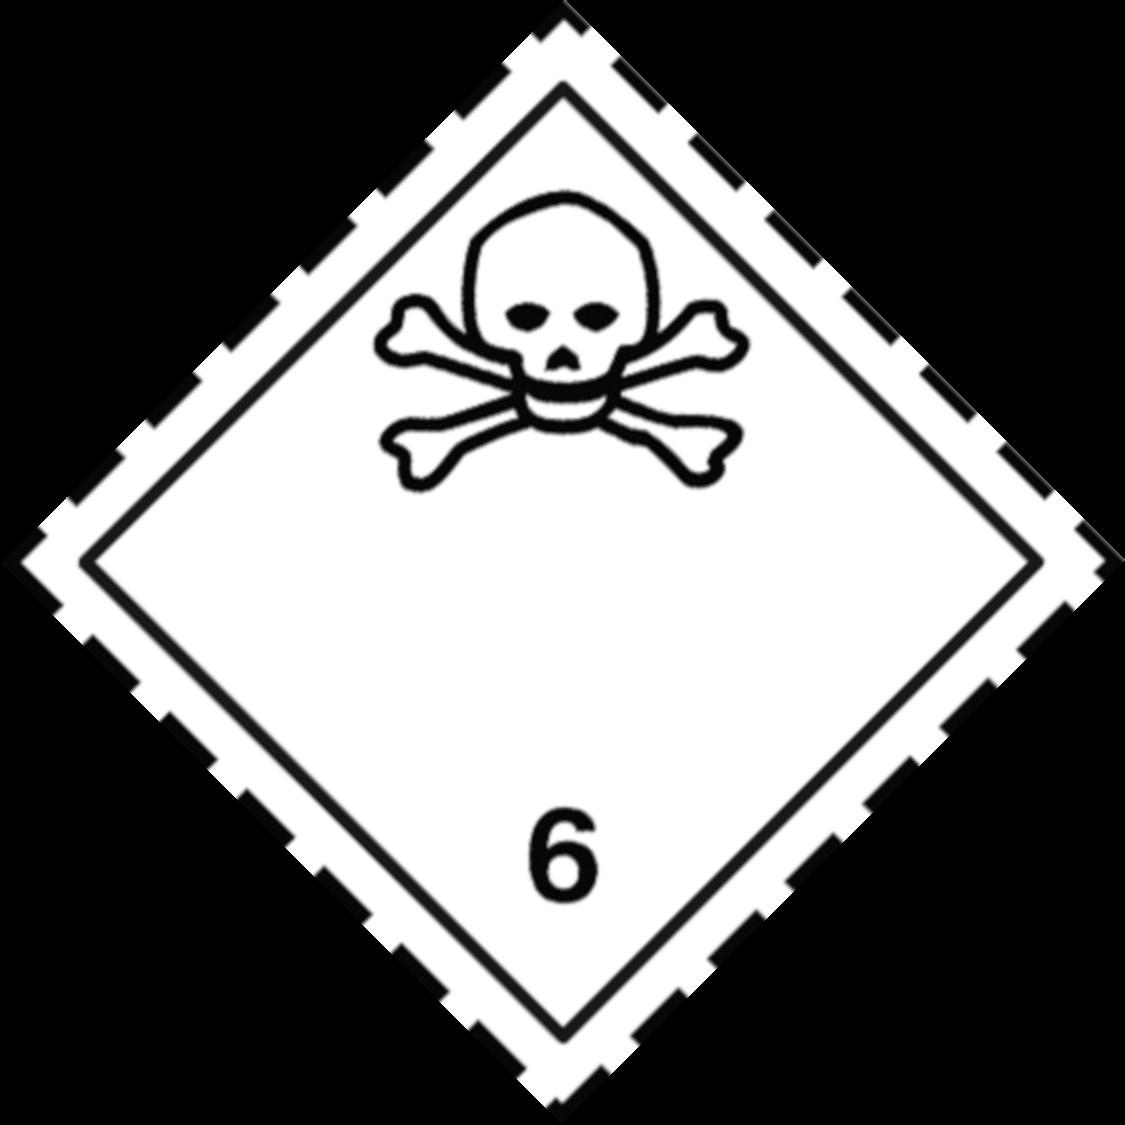 mürgiste ainete märgis